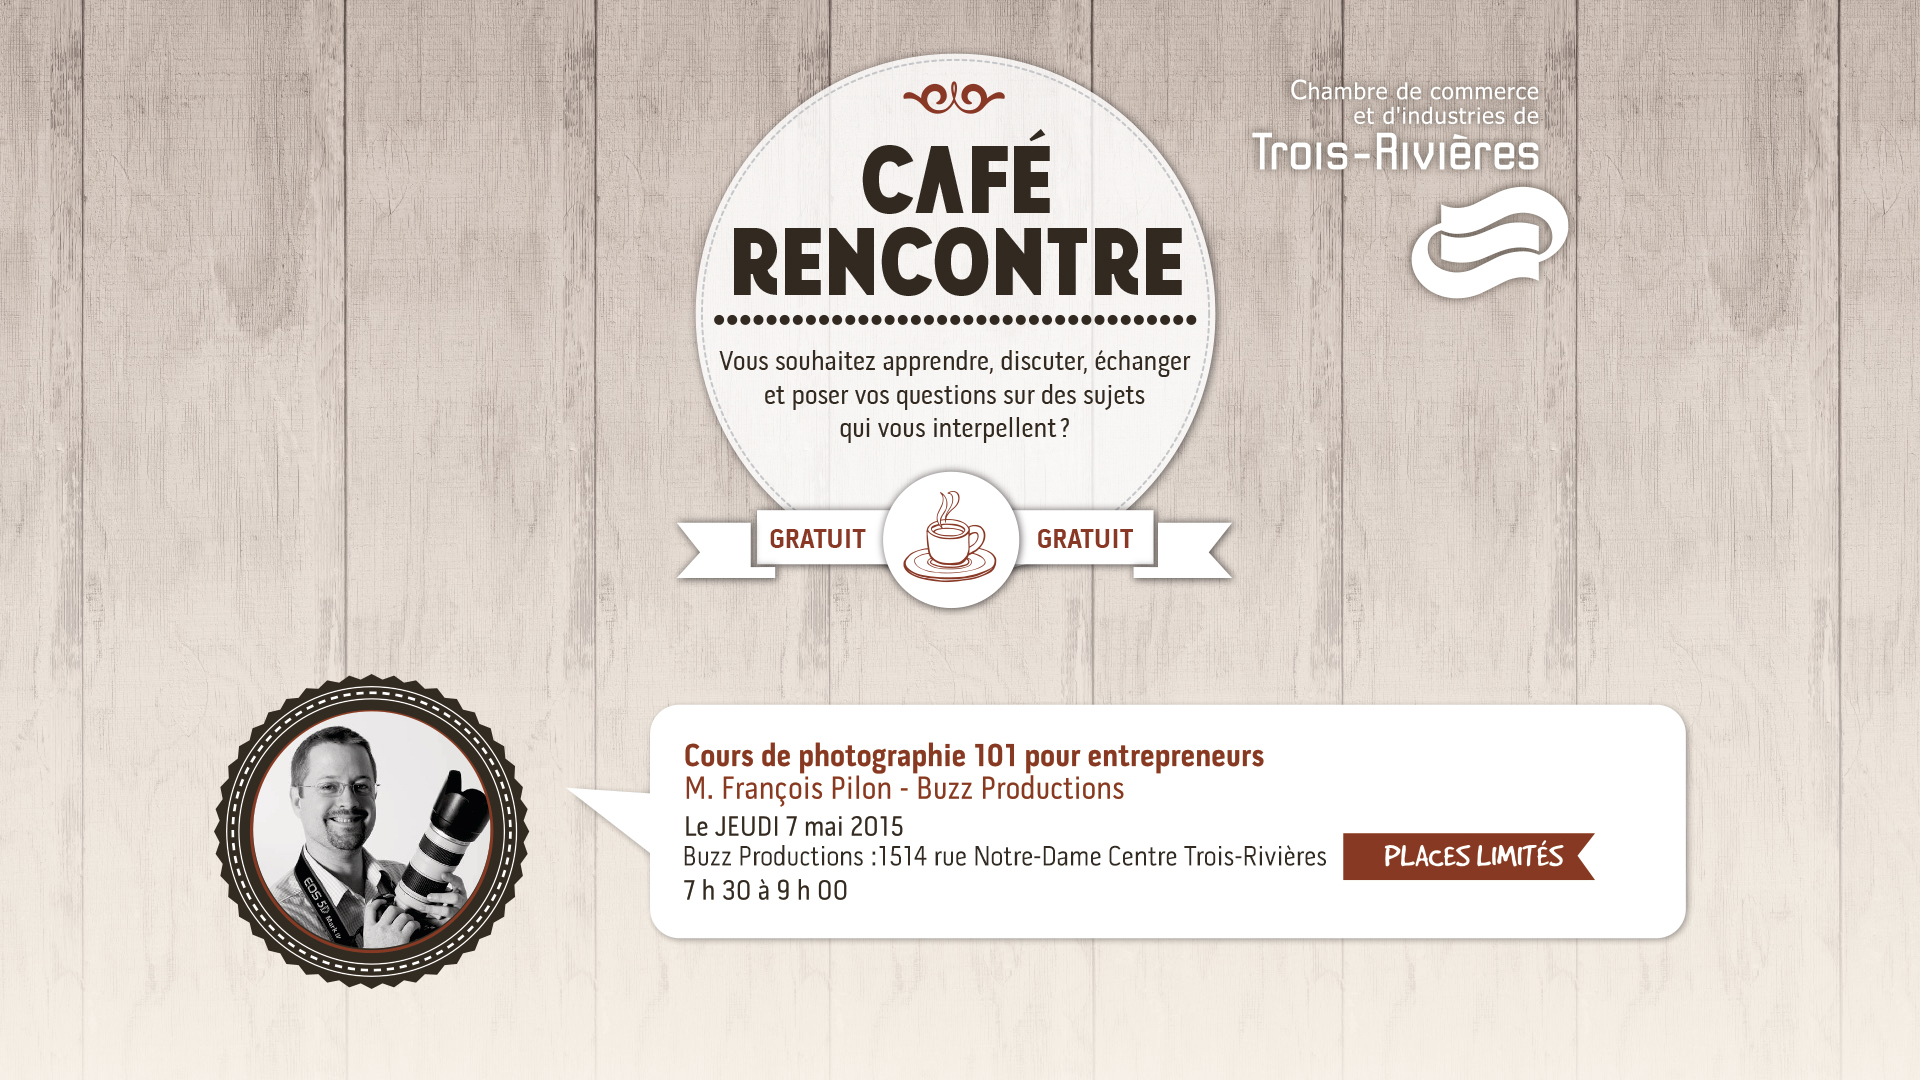 Cours de photographie 101 pour entrepreneurs chambre de for Chambre de commerce de trois rivieres